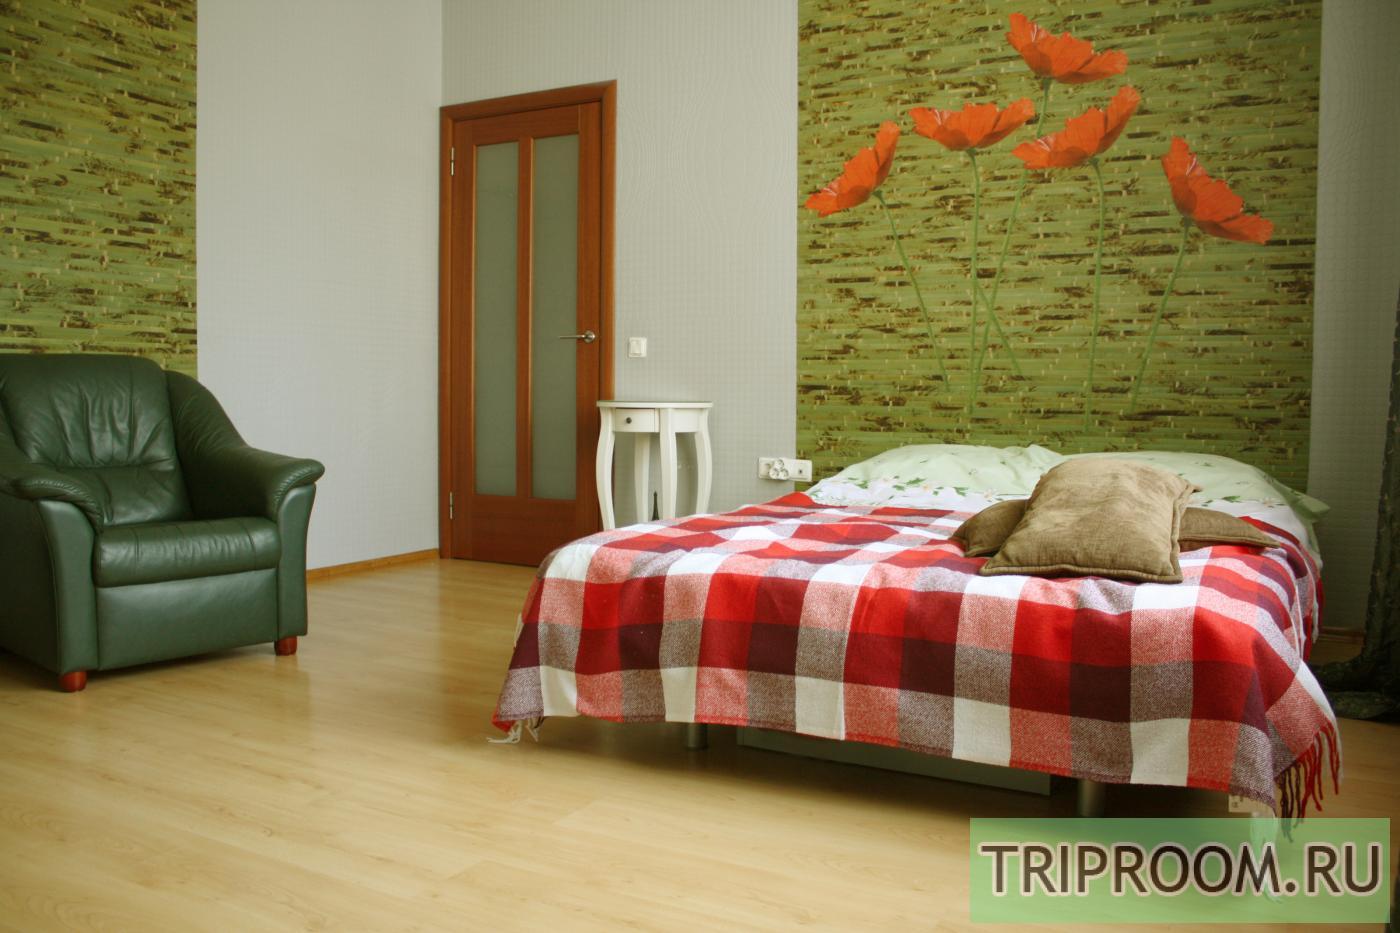 2-комнатная квартира посуточно (вариант № 16268), ул. Лесной проспект, фото № 5